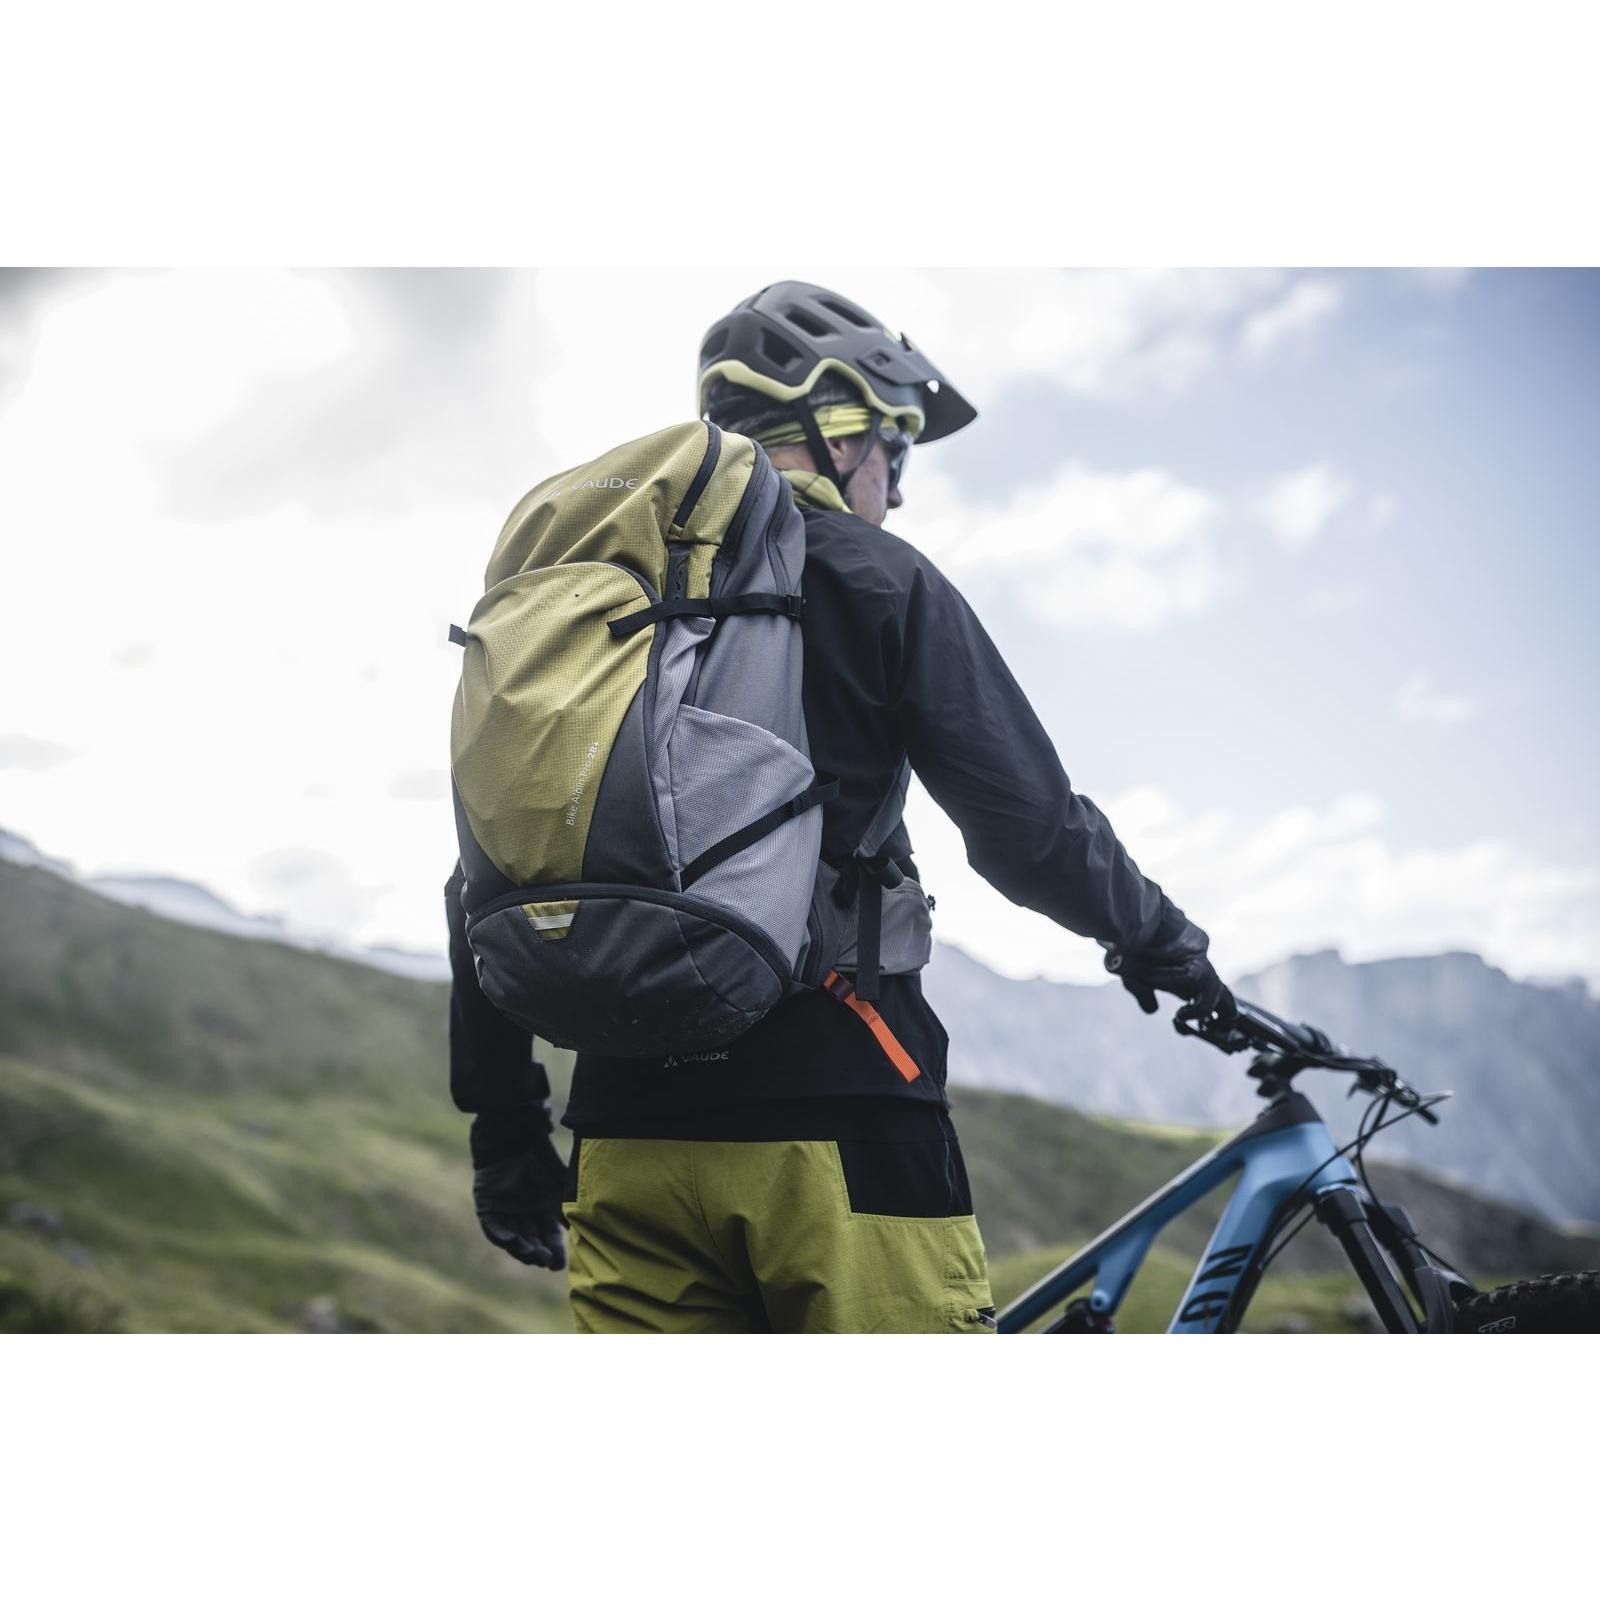 Bild von Vaude Bike Alpin Pro 28 + Rucksack - mars red